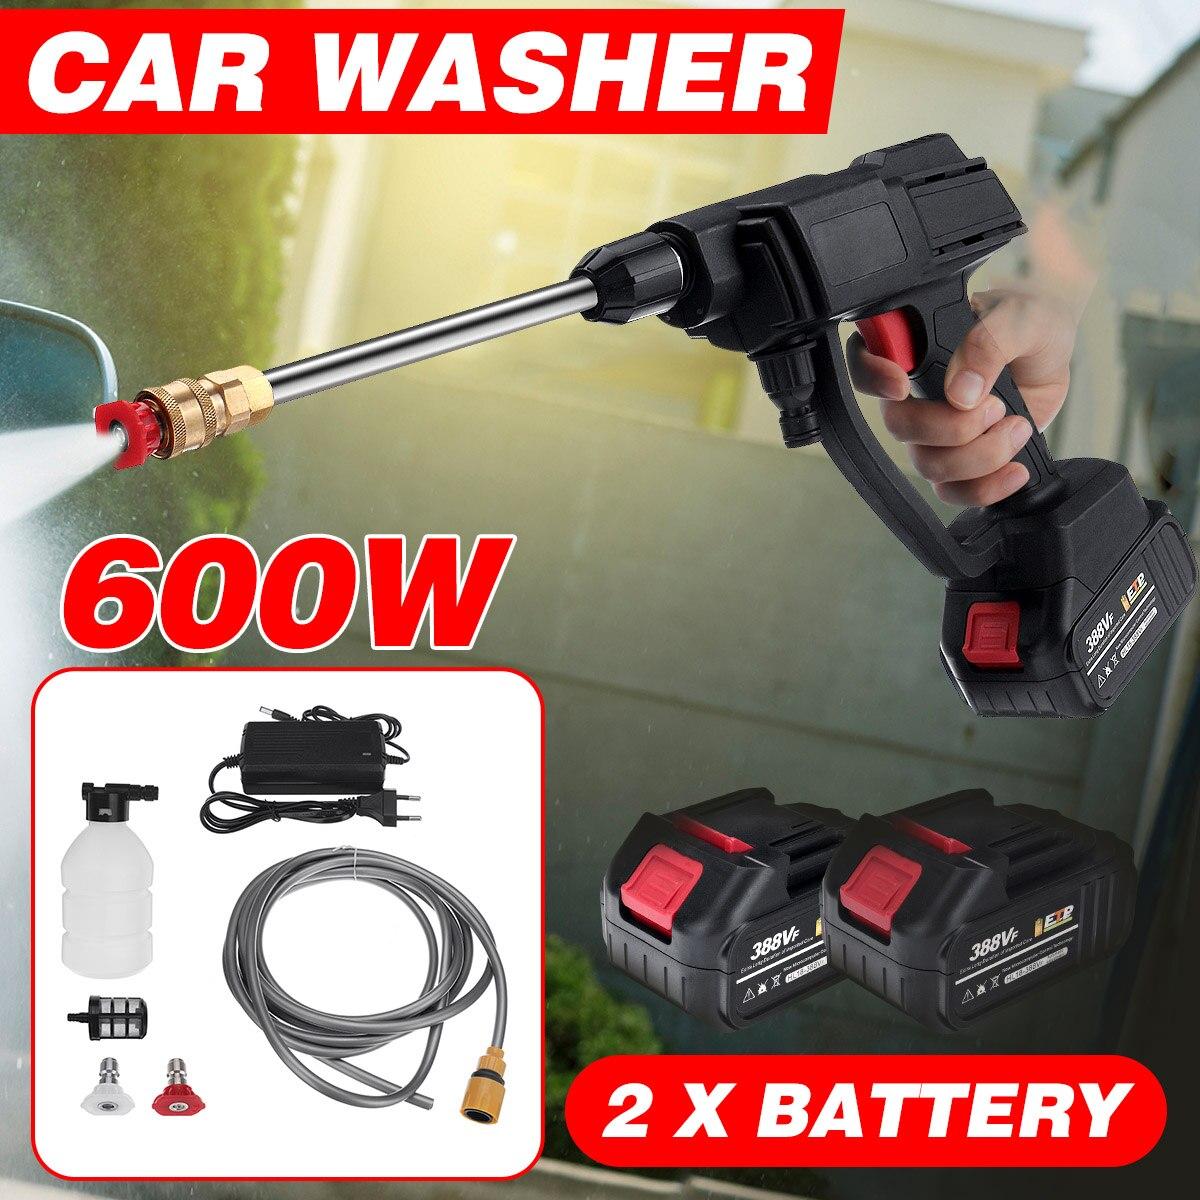 600 واط 24 فولت اللاسلكي ارتفاع ضغط آلة غسل سيارات الأنظف المحمولة غسيل السيارات مدفع رشاش مائي غسالة رغوة مولد للبطارية ماكيتا